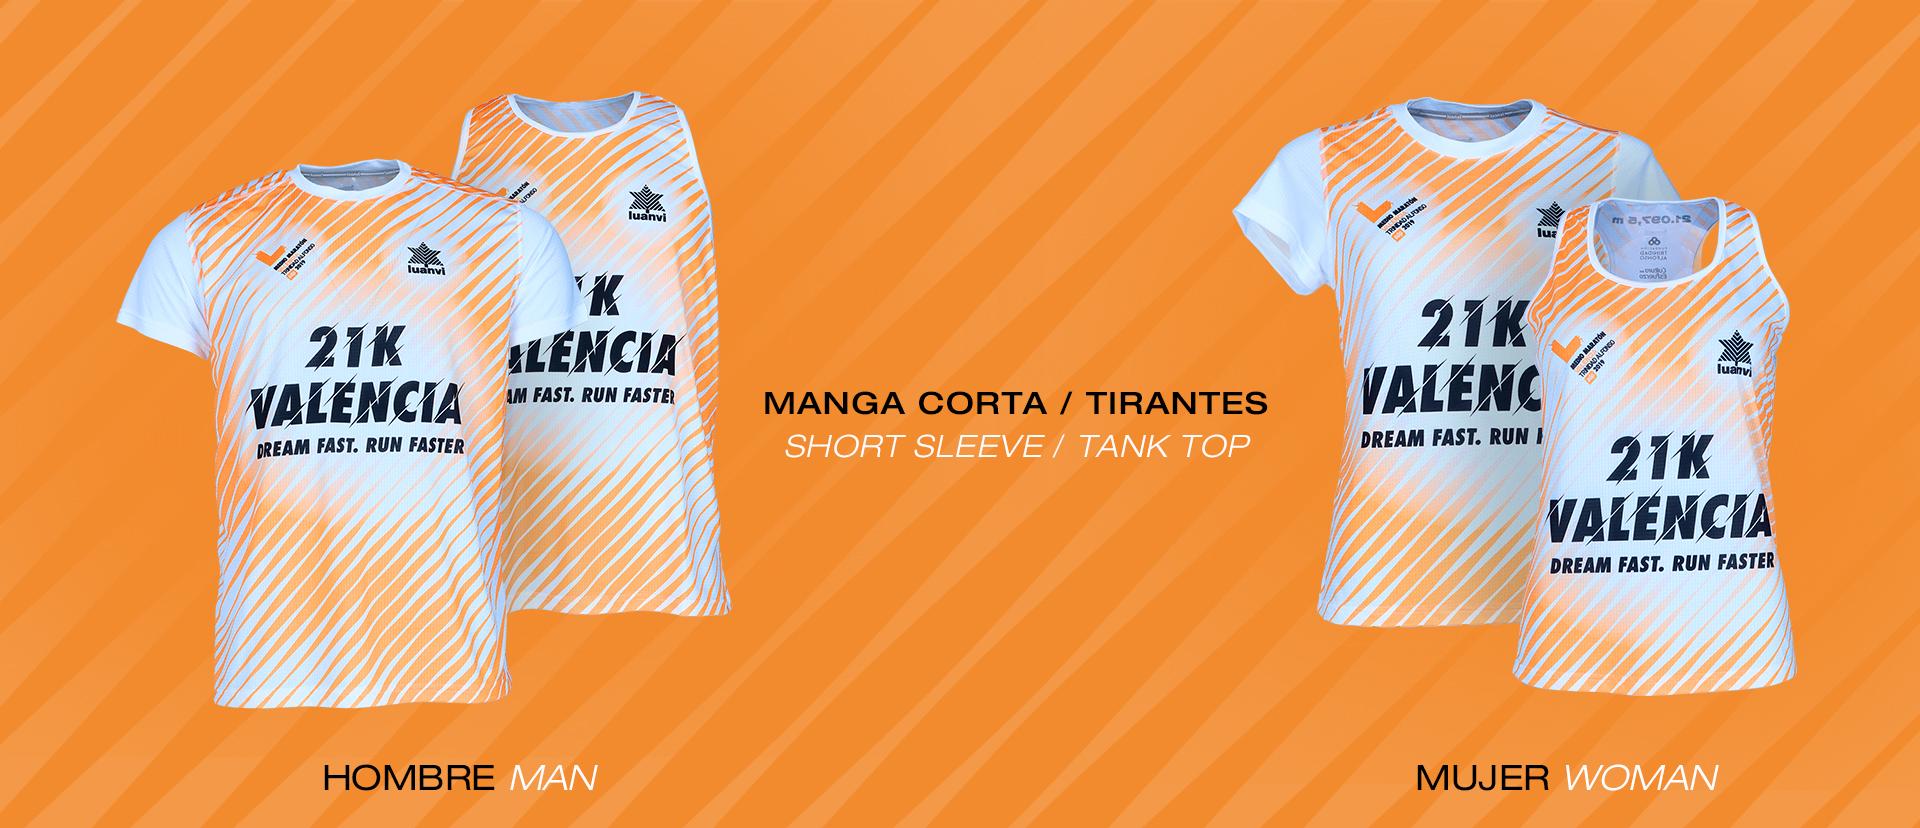 Camisetas Medio Maratón Valencia 2019